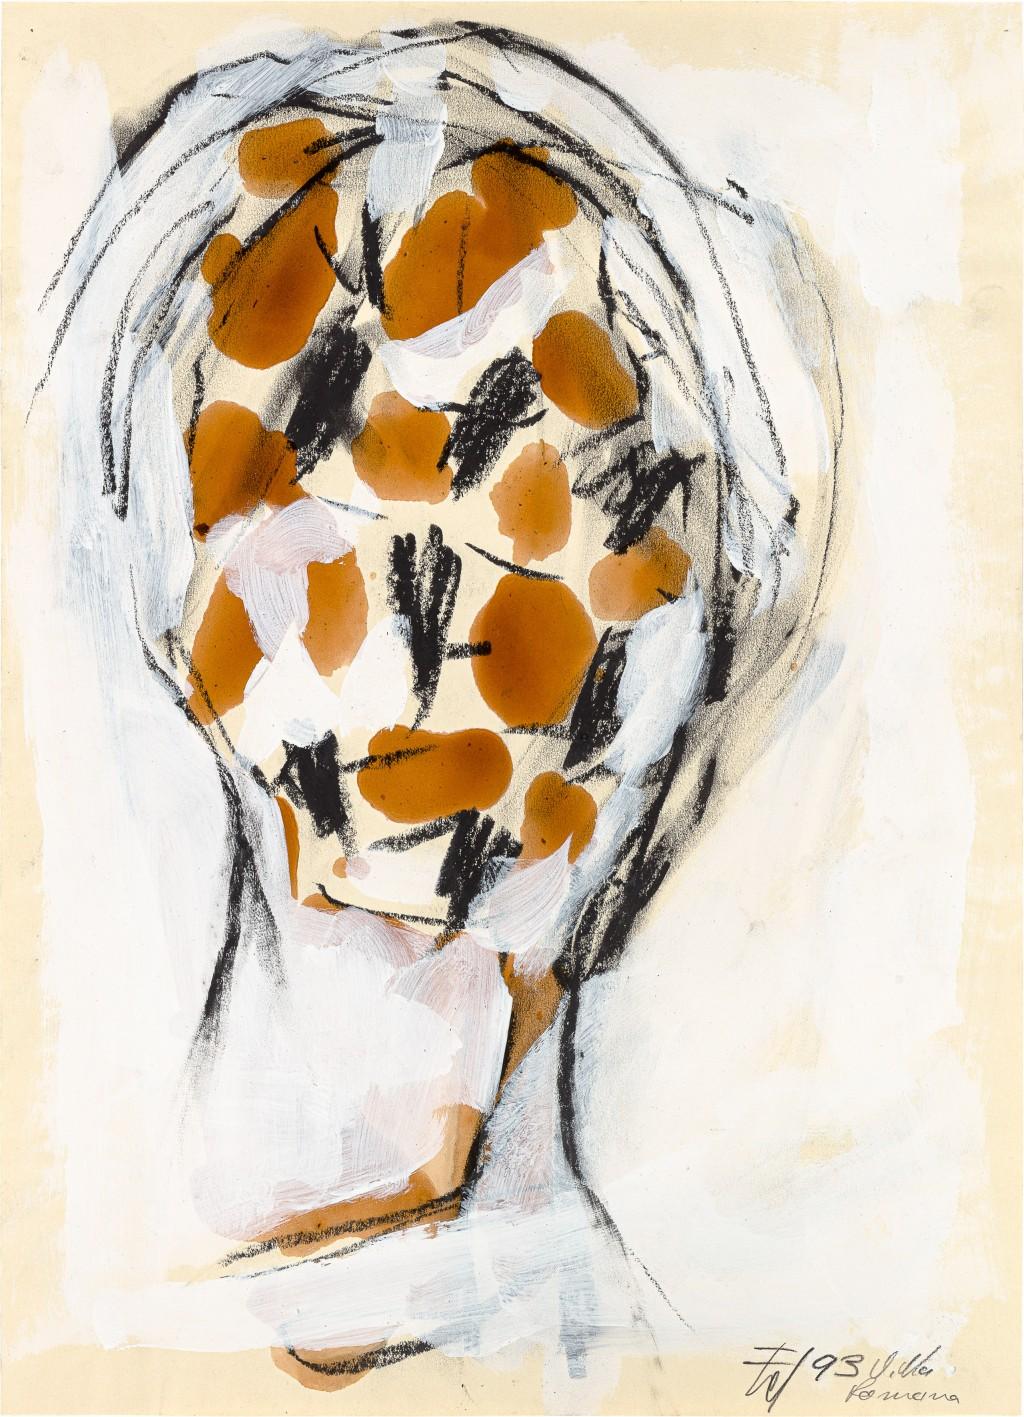 Malerei eines Kopfes